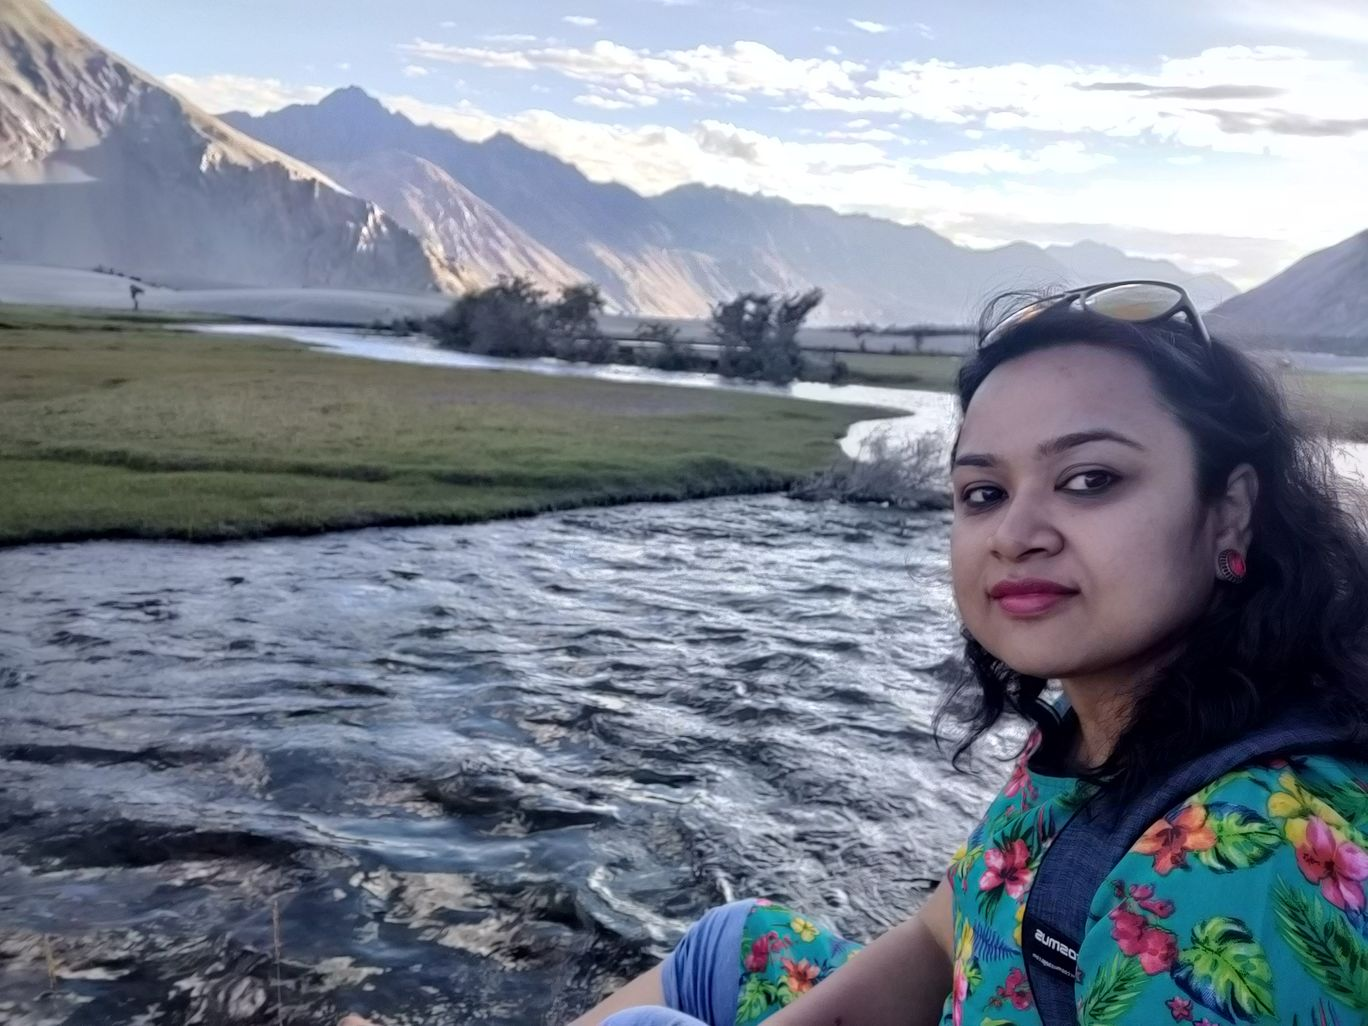 Photo of Nubra Valley By Paromita Das